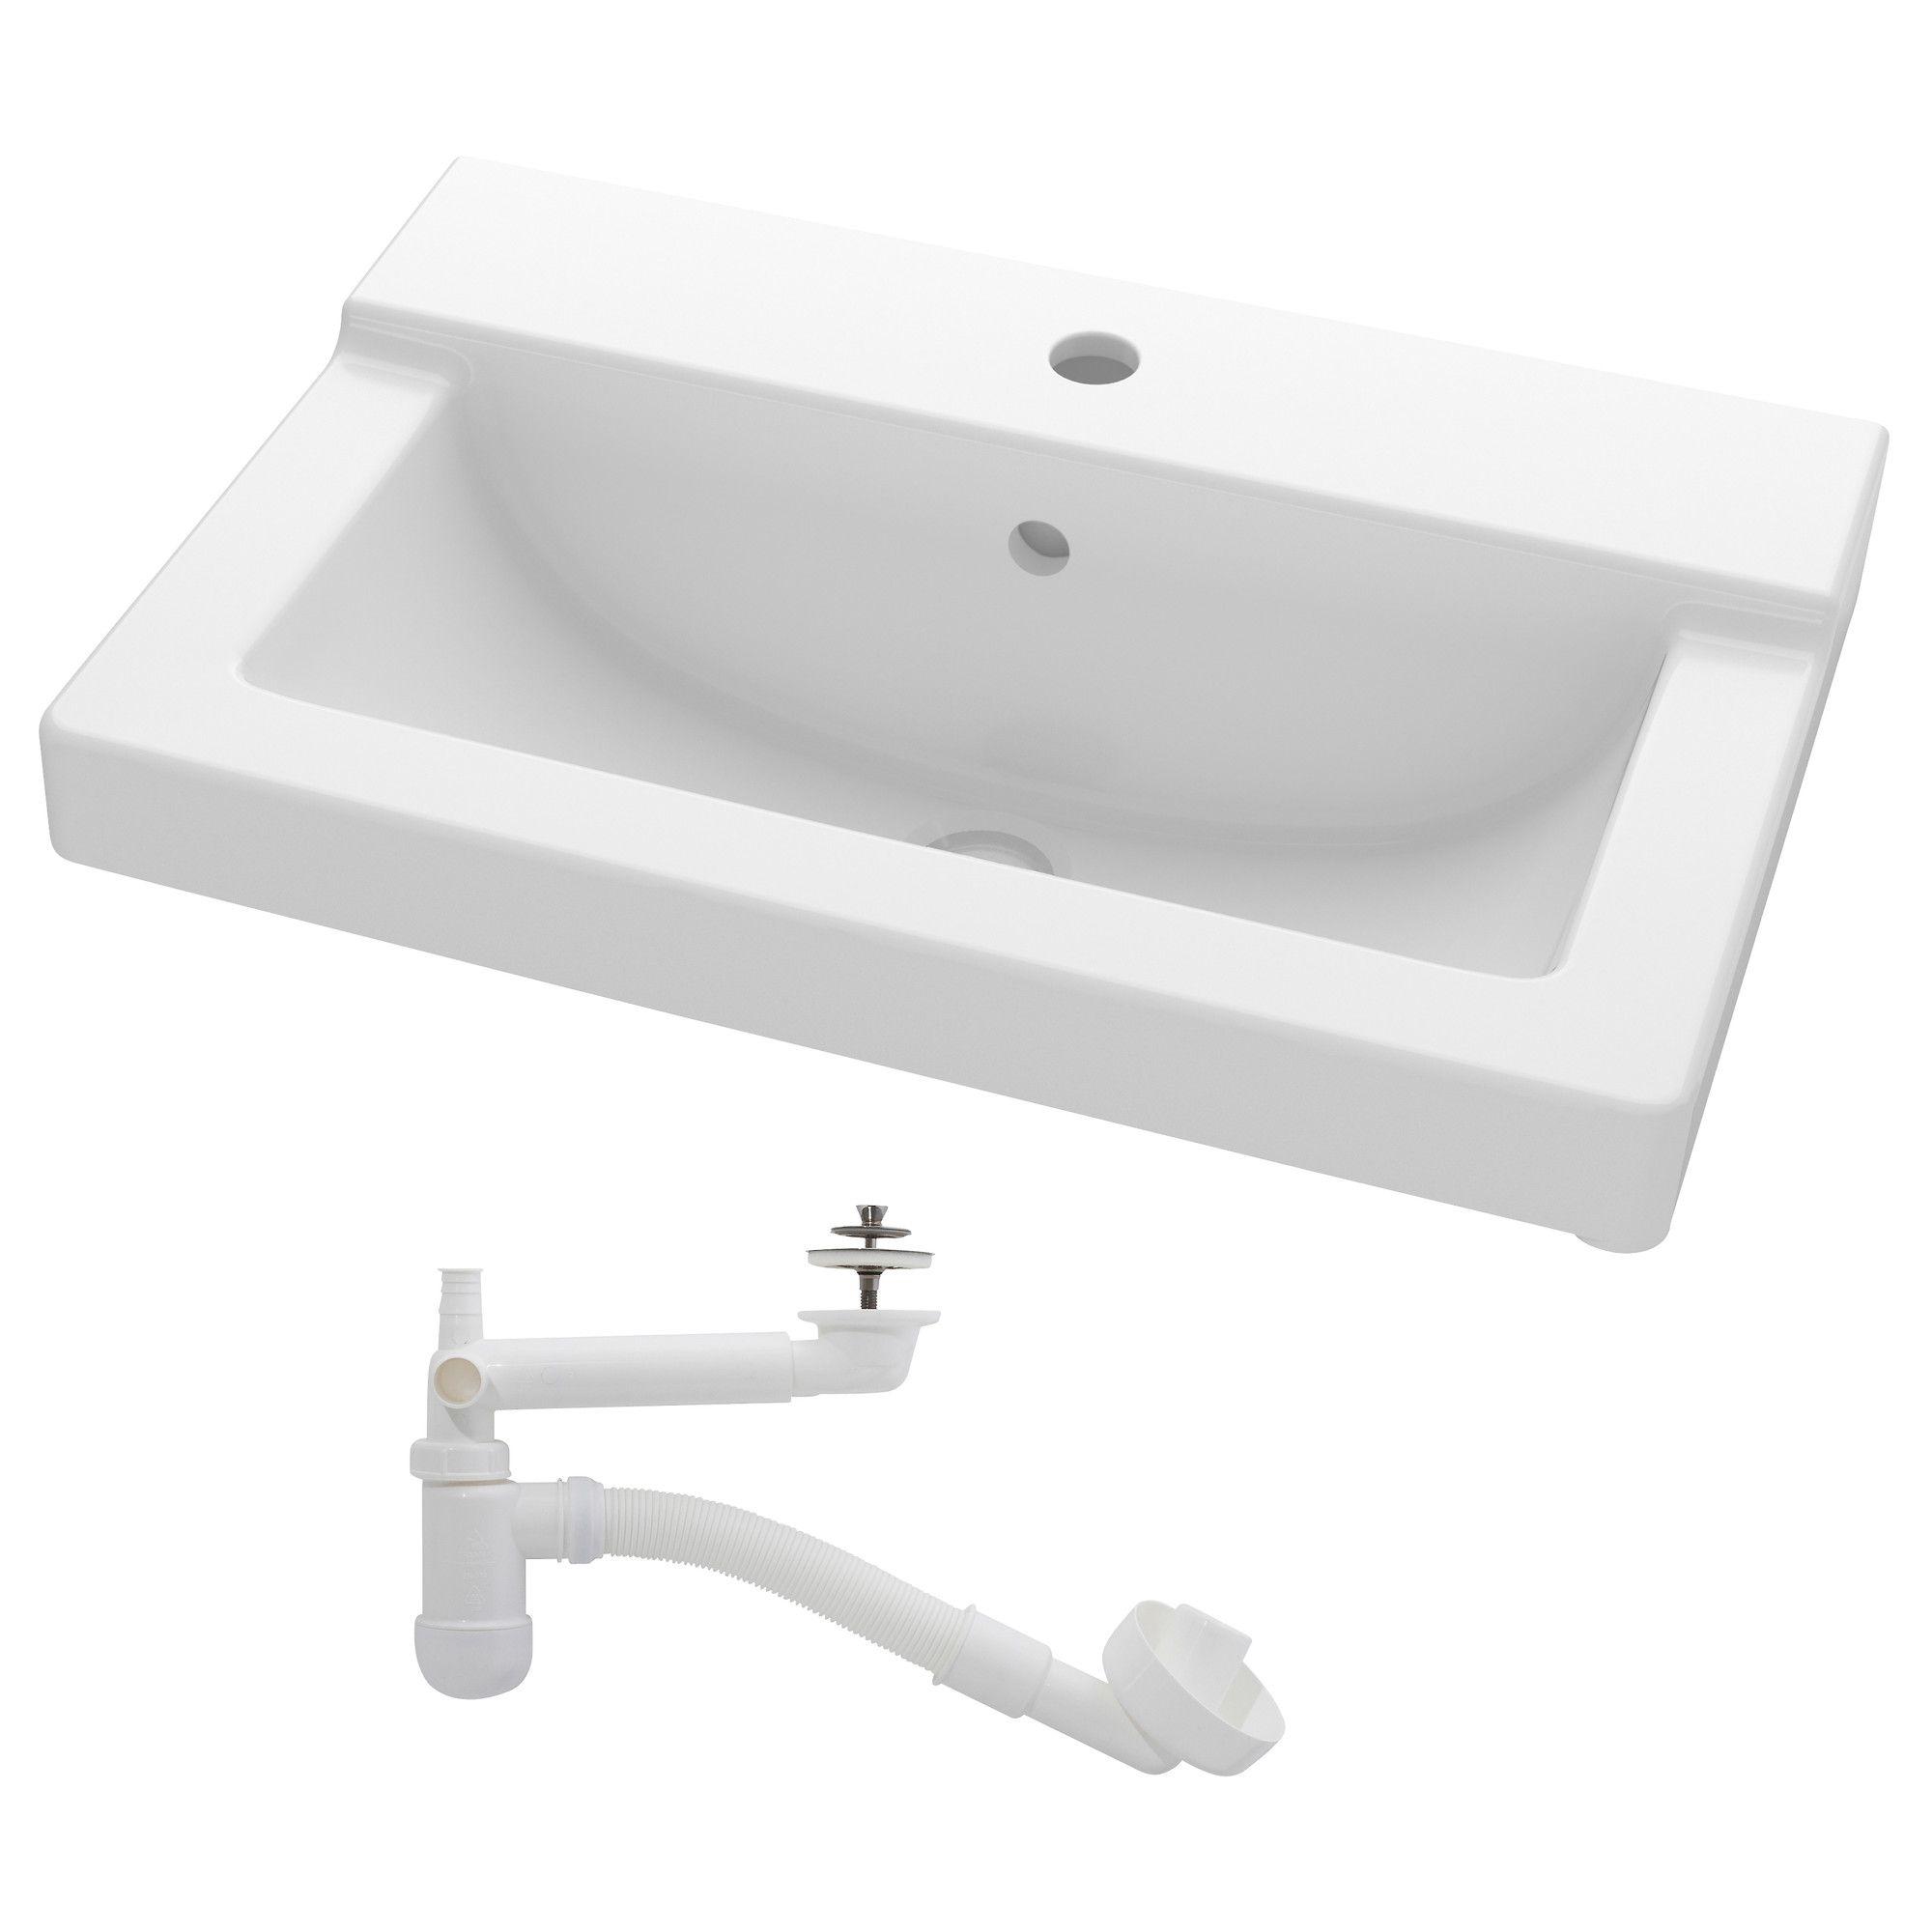 TÄLLEVIKEN Vask 1 kumme - IKEA